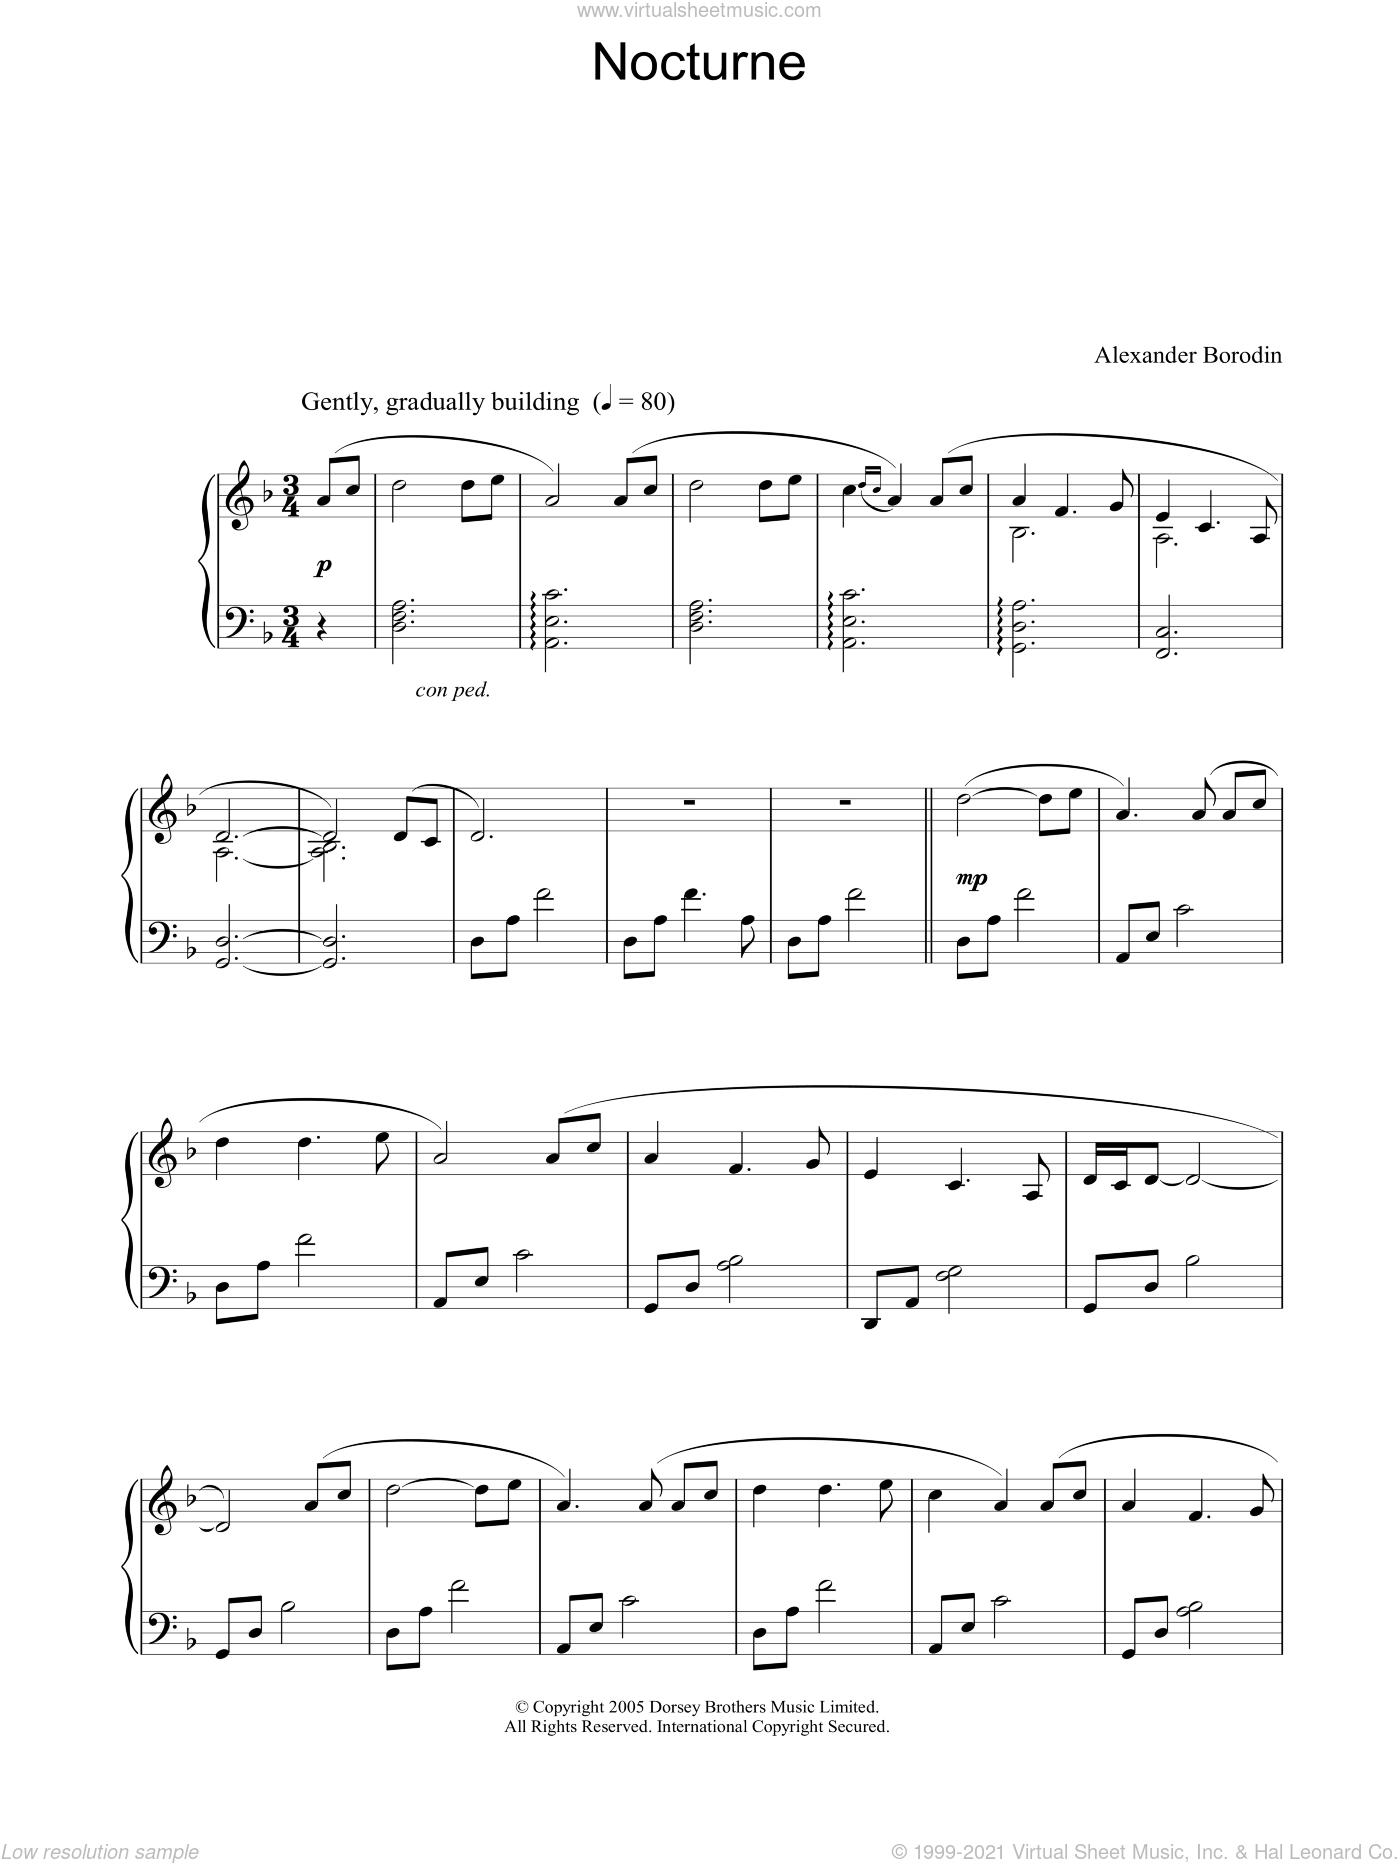 Nocturne sheet music for piano solo by Alexander Borodin, classical score, intermediate skill level